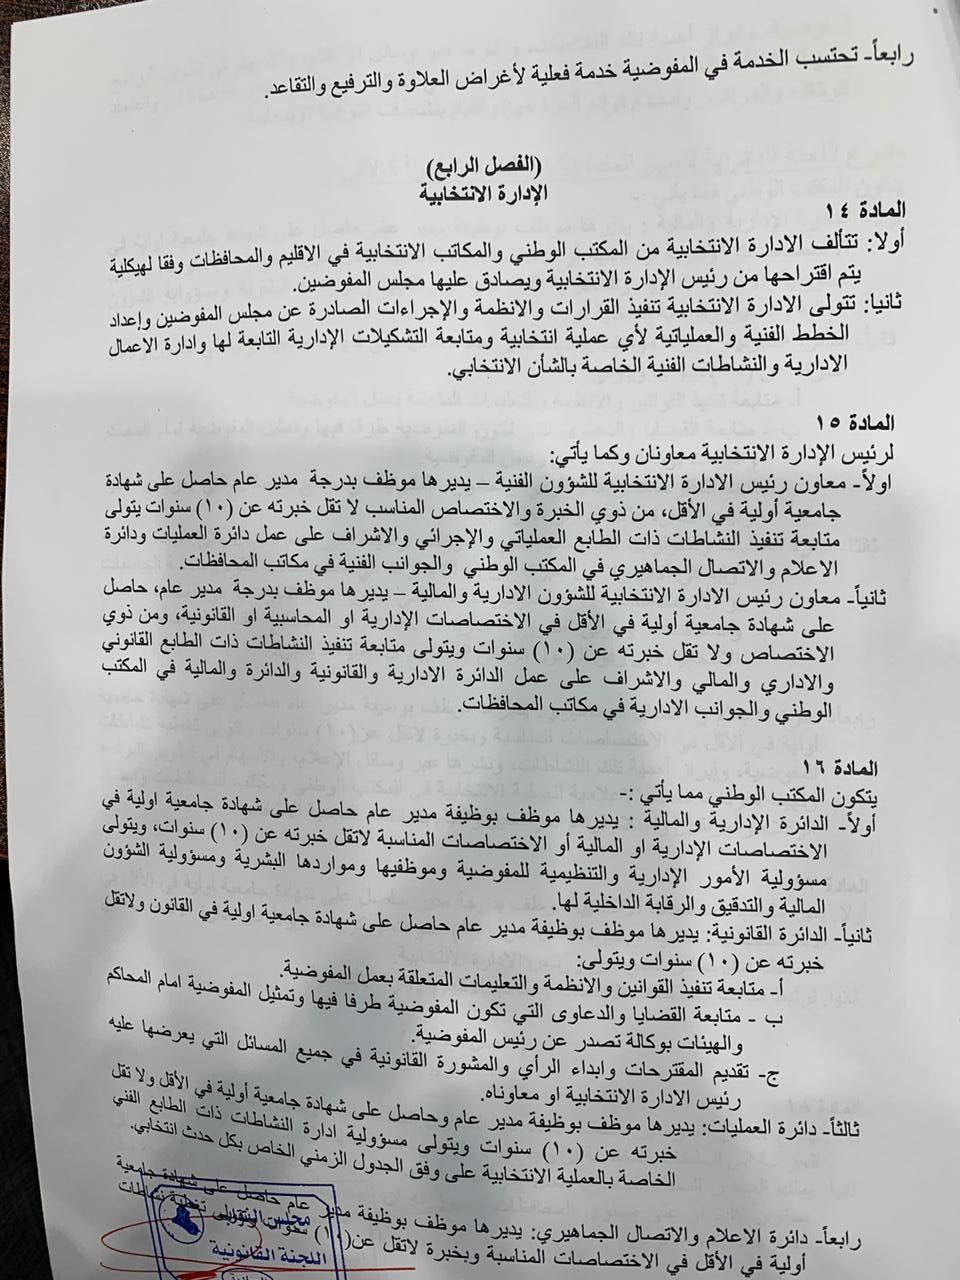 """""""ناس"""" ينشر نص مسودة قانون مفوضية الانتخابات الجديدة بعد تعديلات قانونية"""